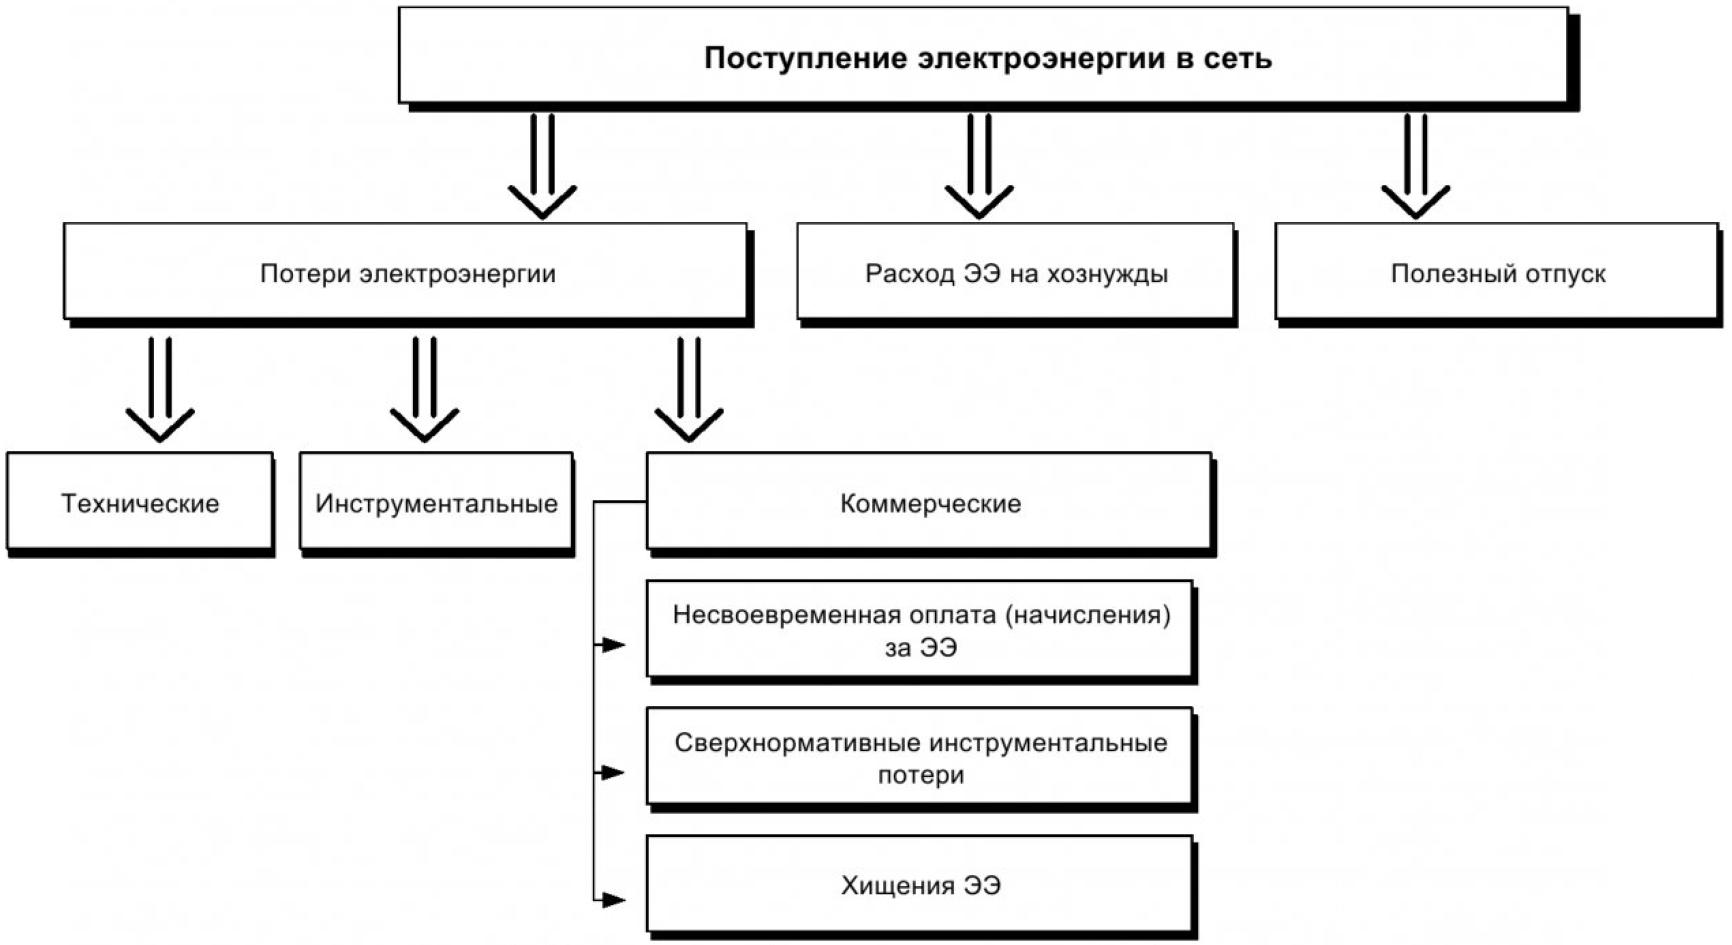 Анализ небалансов электроэнергии в распределительных сетях напряжением 10 кВ и критерии их оценки 4